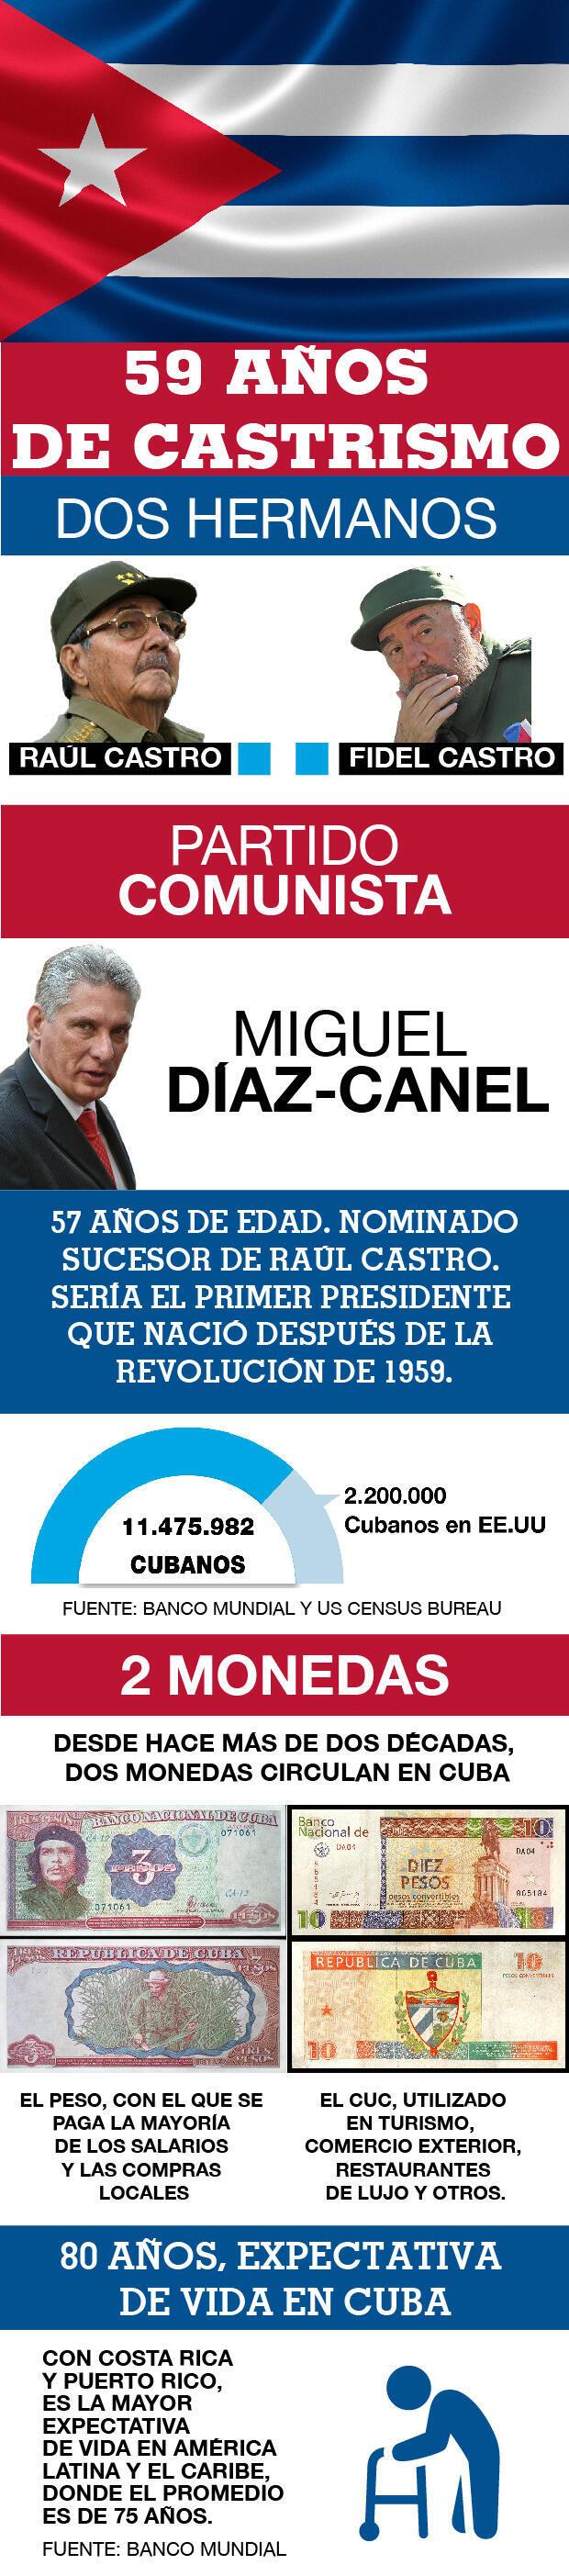 Desde el triunfo de la Revolución Cubana en 1959, la isla no ha conocido otro apellido en el poder que no sea Castro. Este miércoles la Asamblea Nacional recibió la propuesta de Miguel Díaz-Canel para presidente del Consejo de Estado.